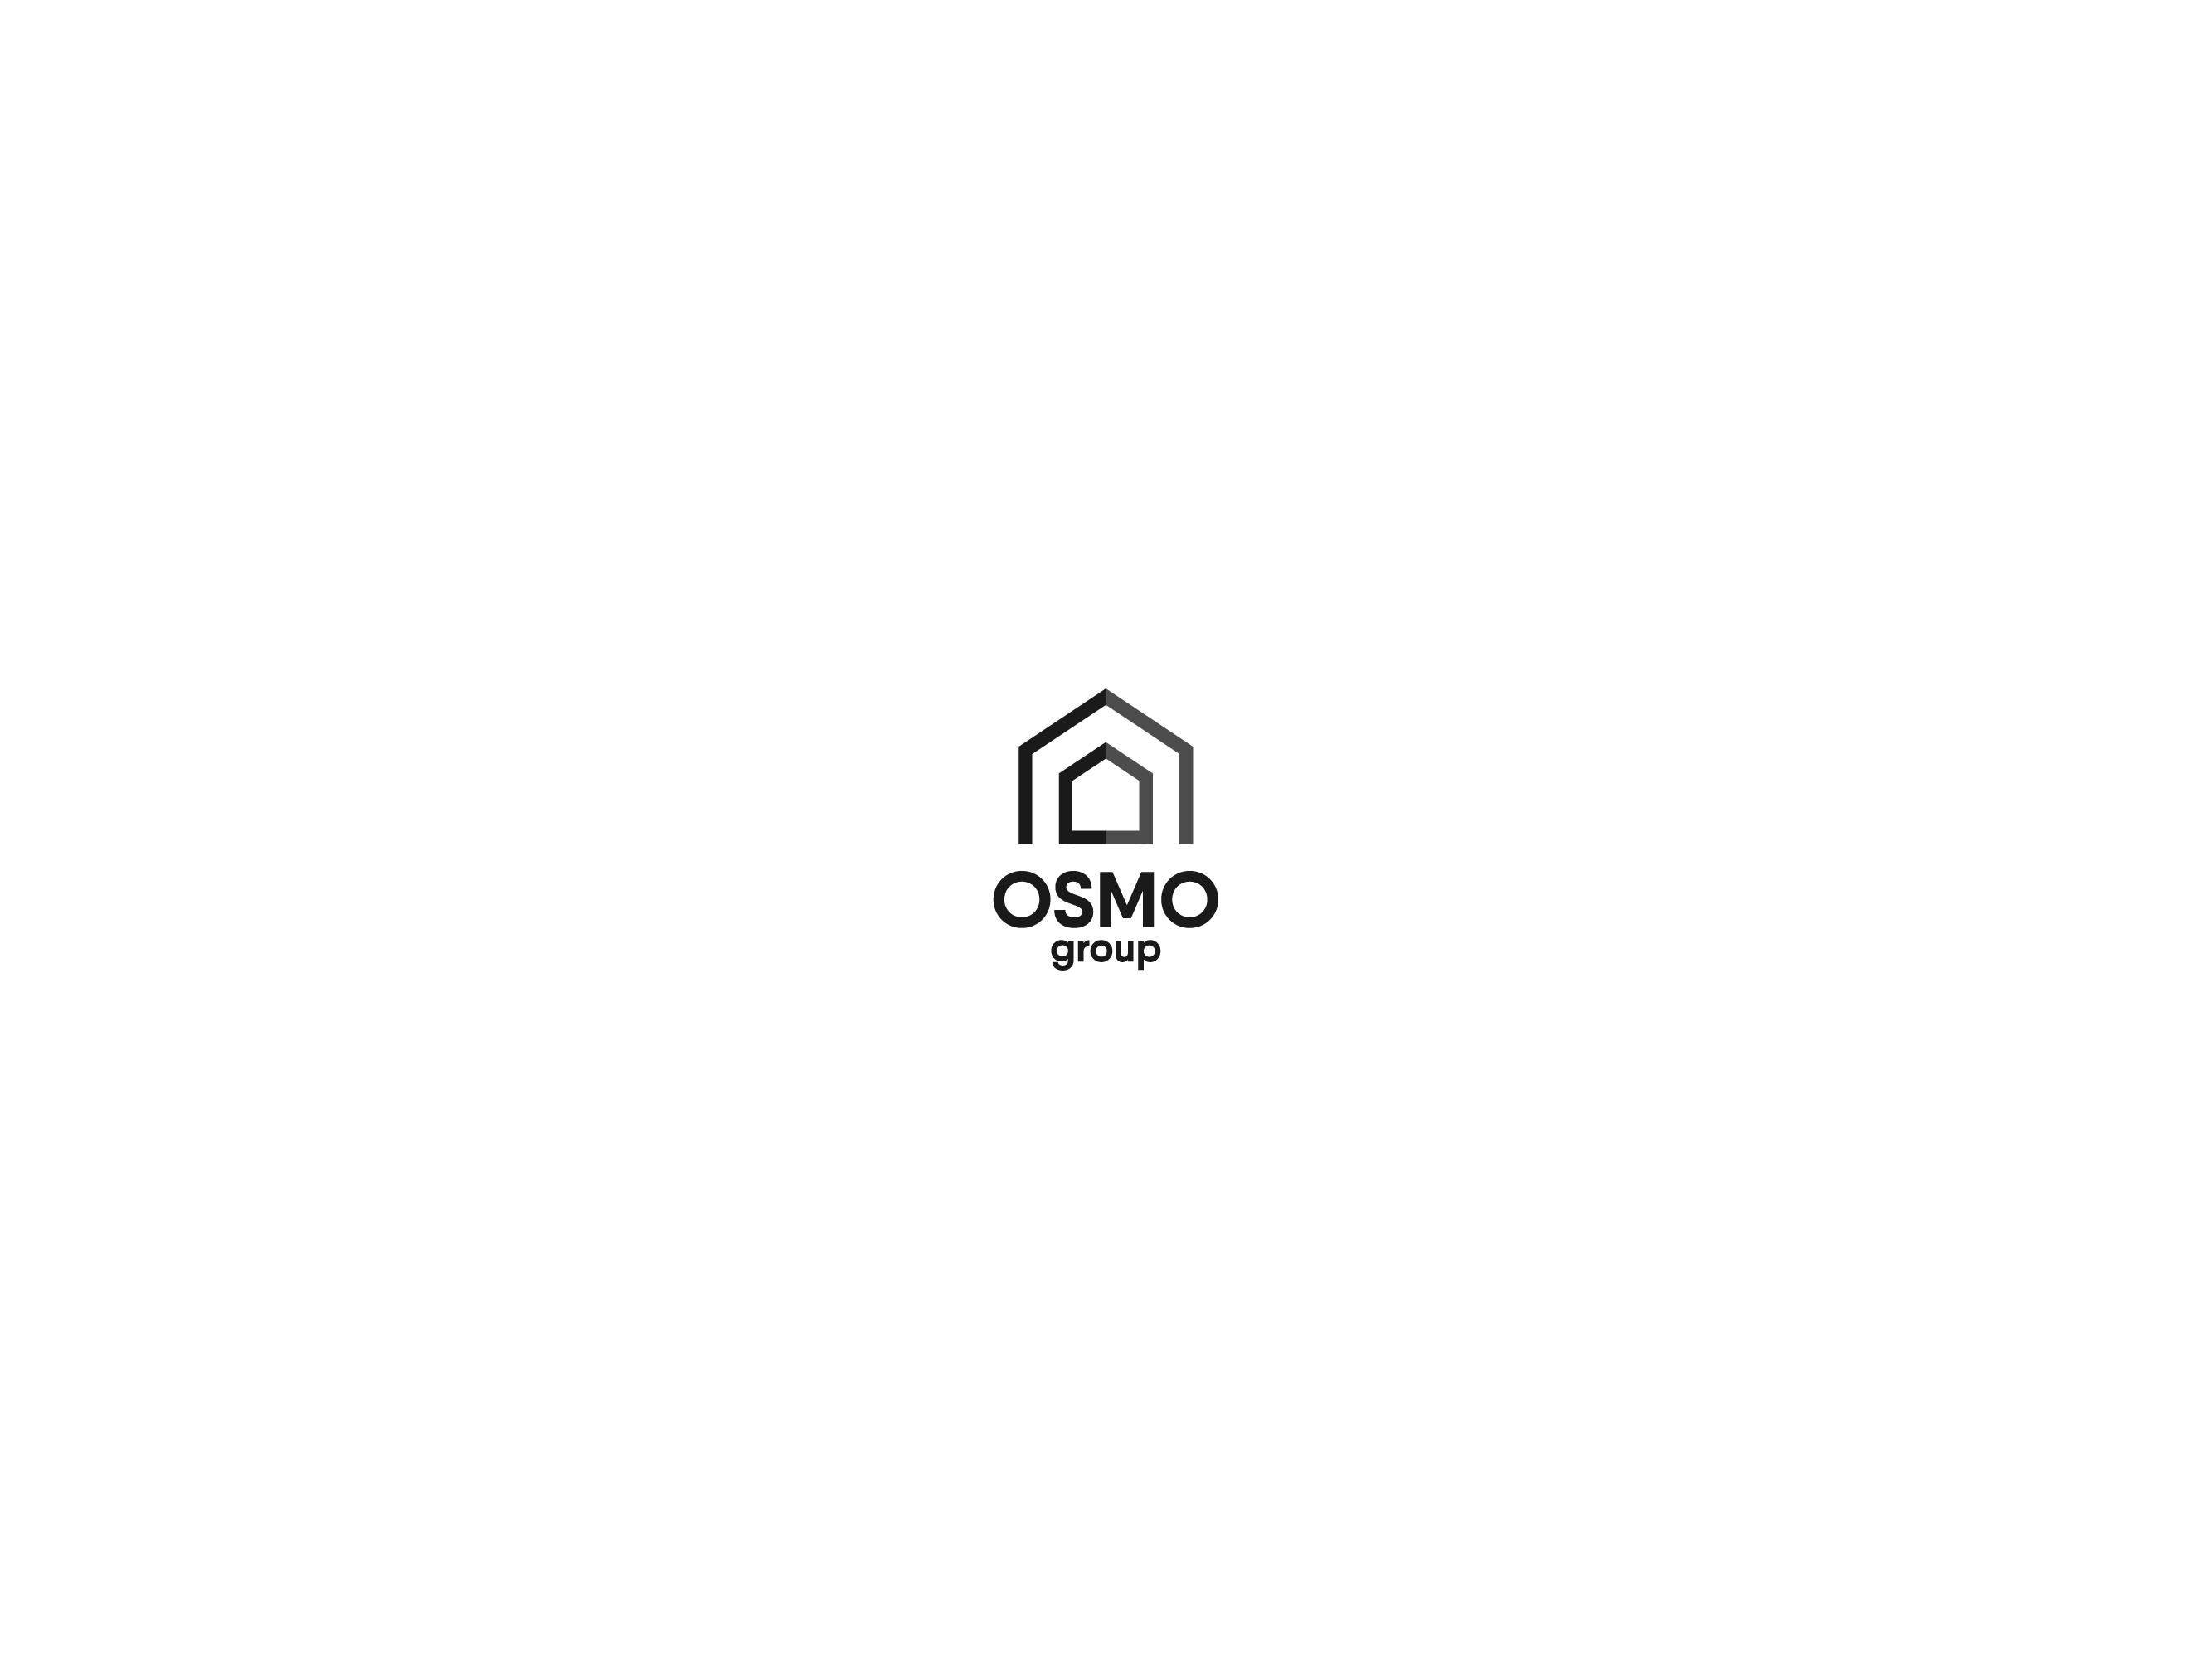 Создание логотипа для строительной компании OSMO group  фото f_39559b4d331ca67f.png